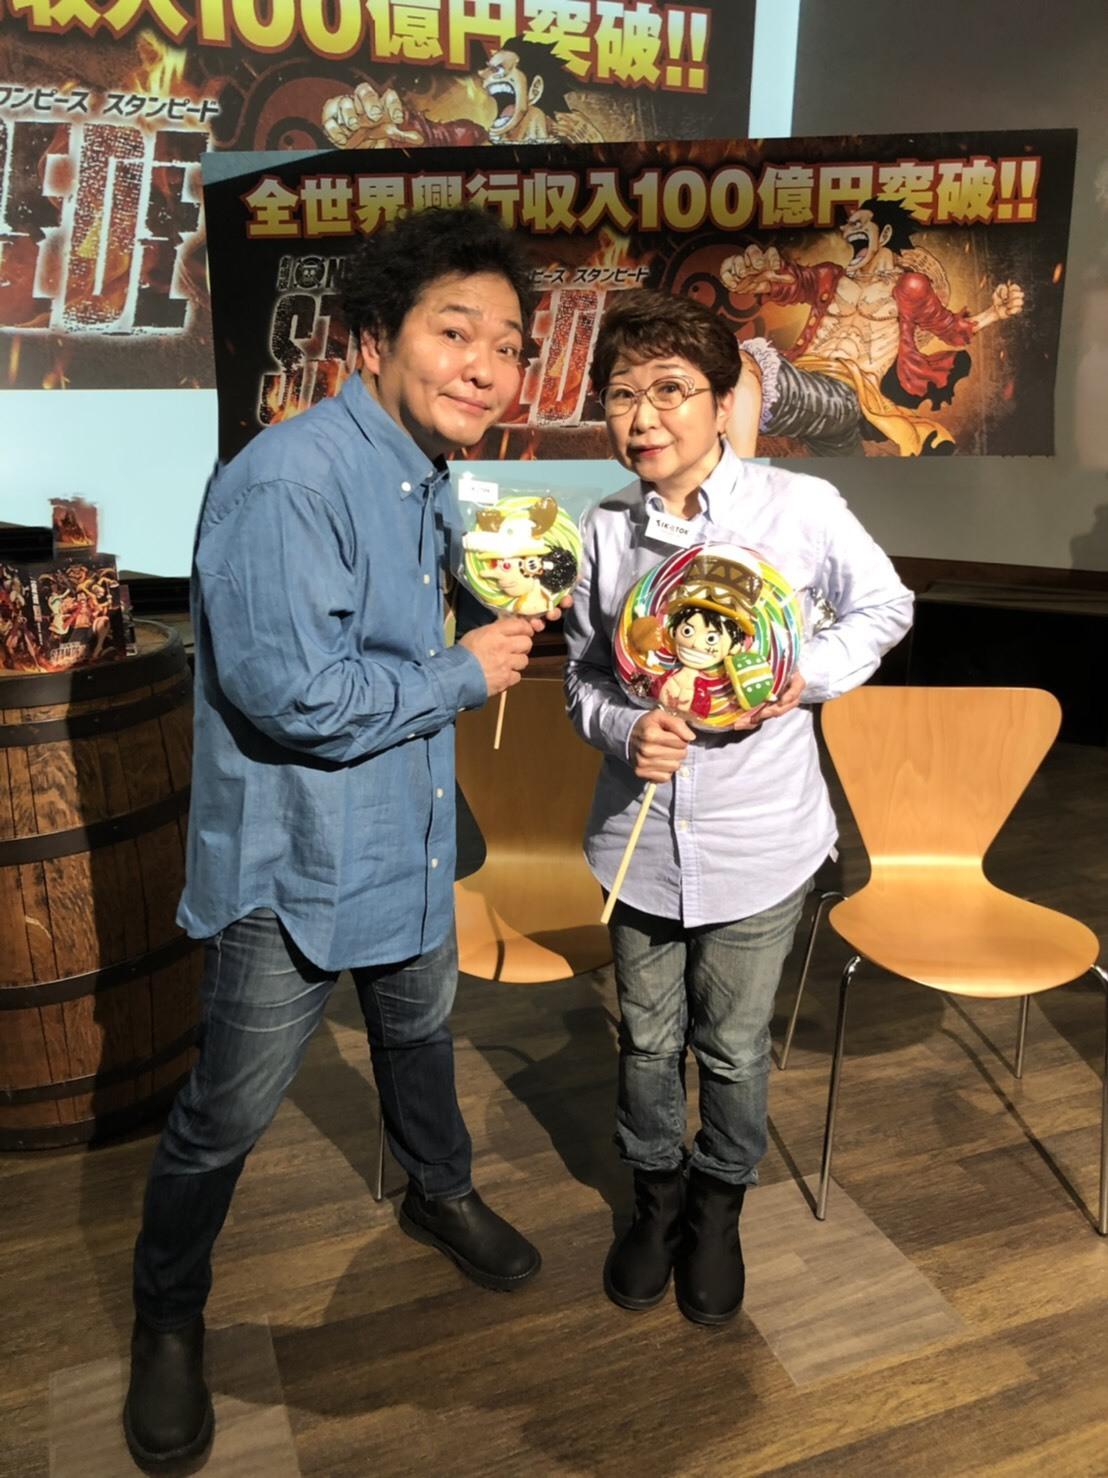 劇場版『ONE PIECE STAMPEDE』Blu-ray & DVD発売記念スペシャルトーク!!_a0163623_21273193.jpg